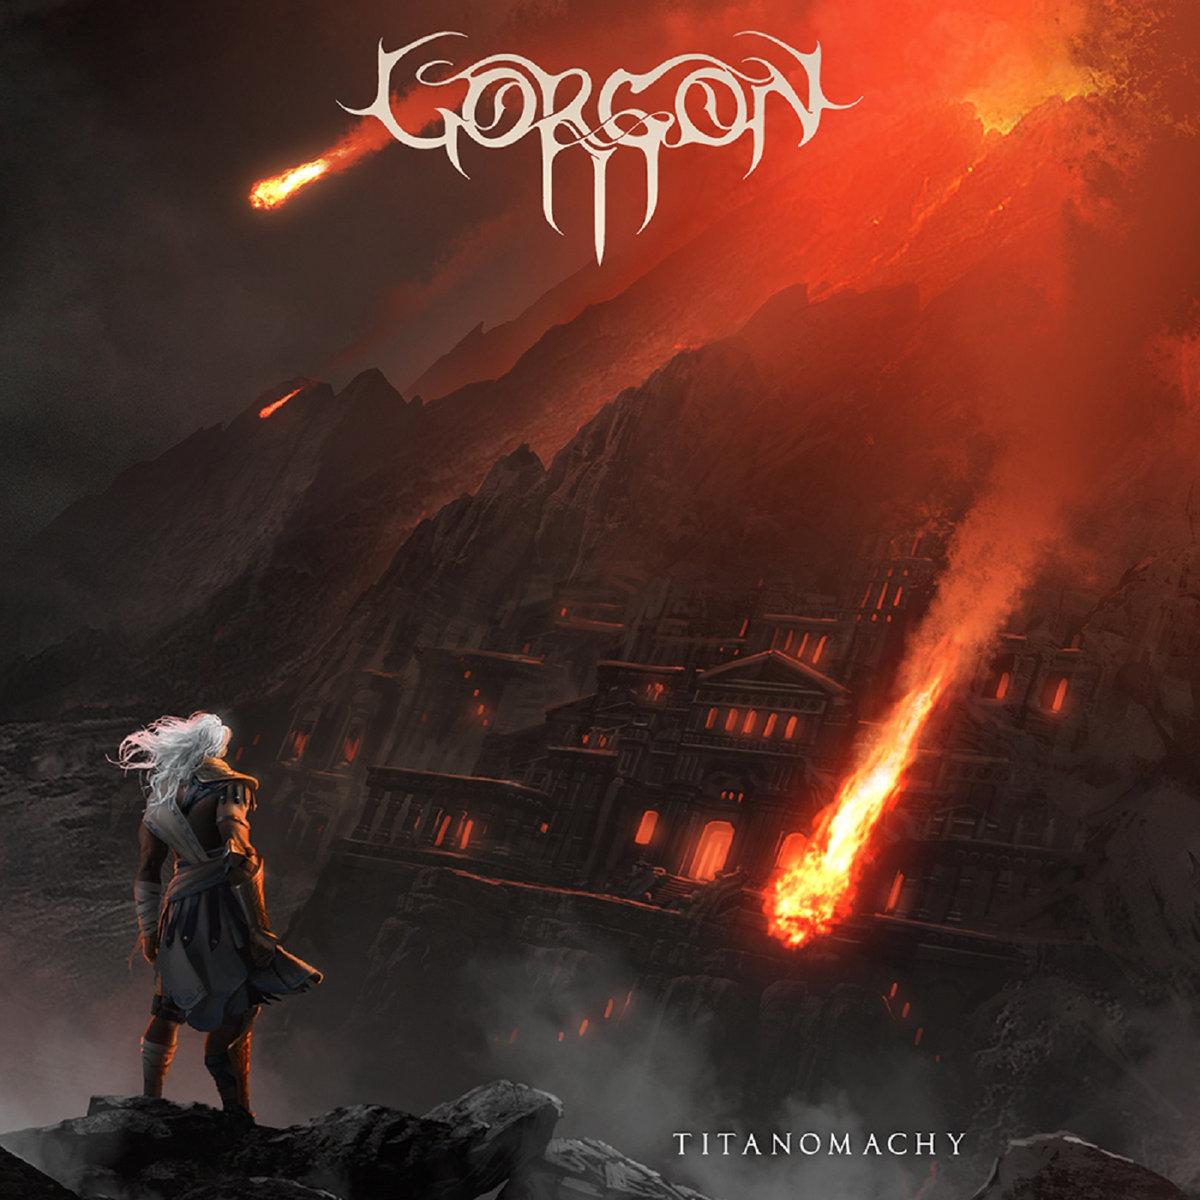 Gorgon - Titanomachy